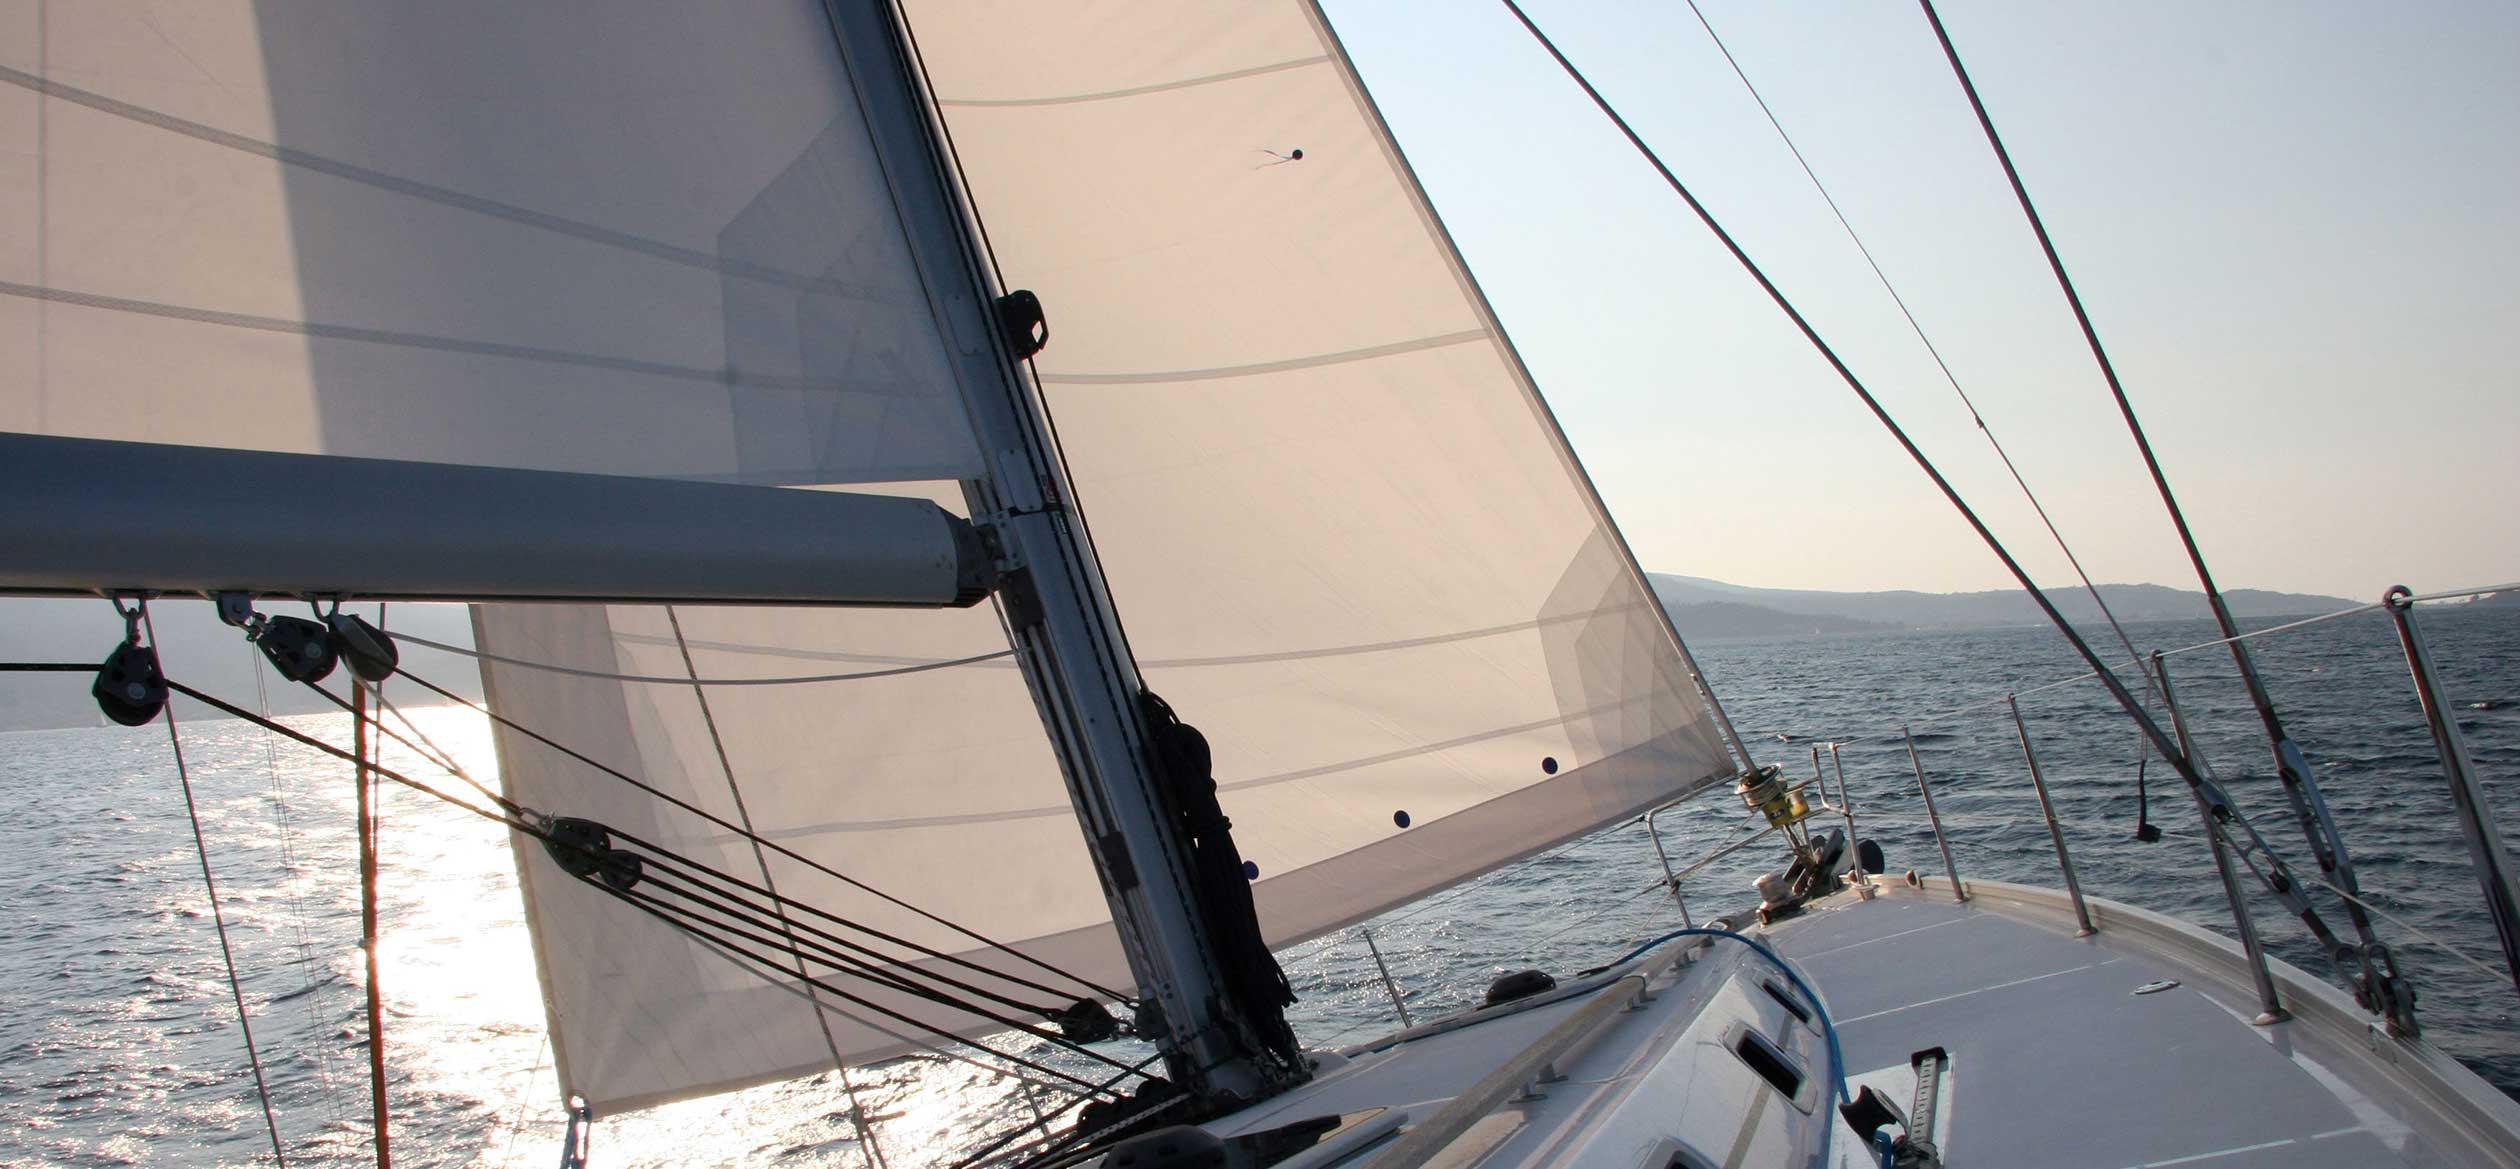 Crociere in barca a vela Grecia e Caraibi